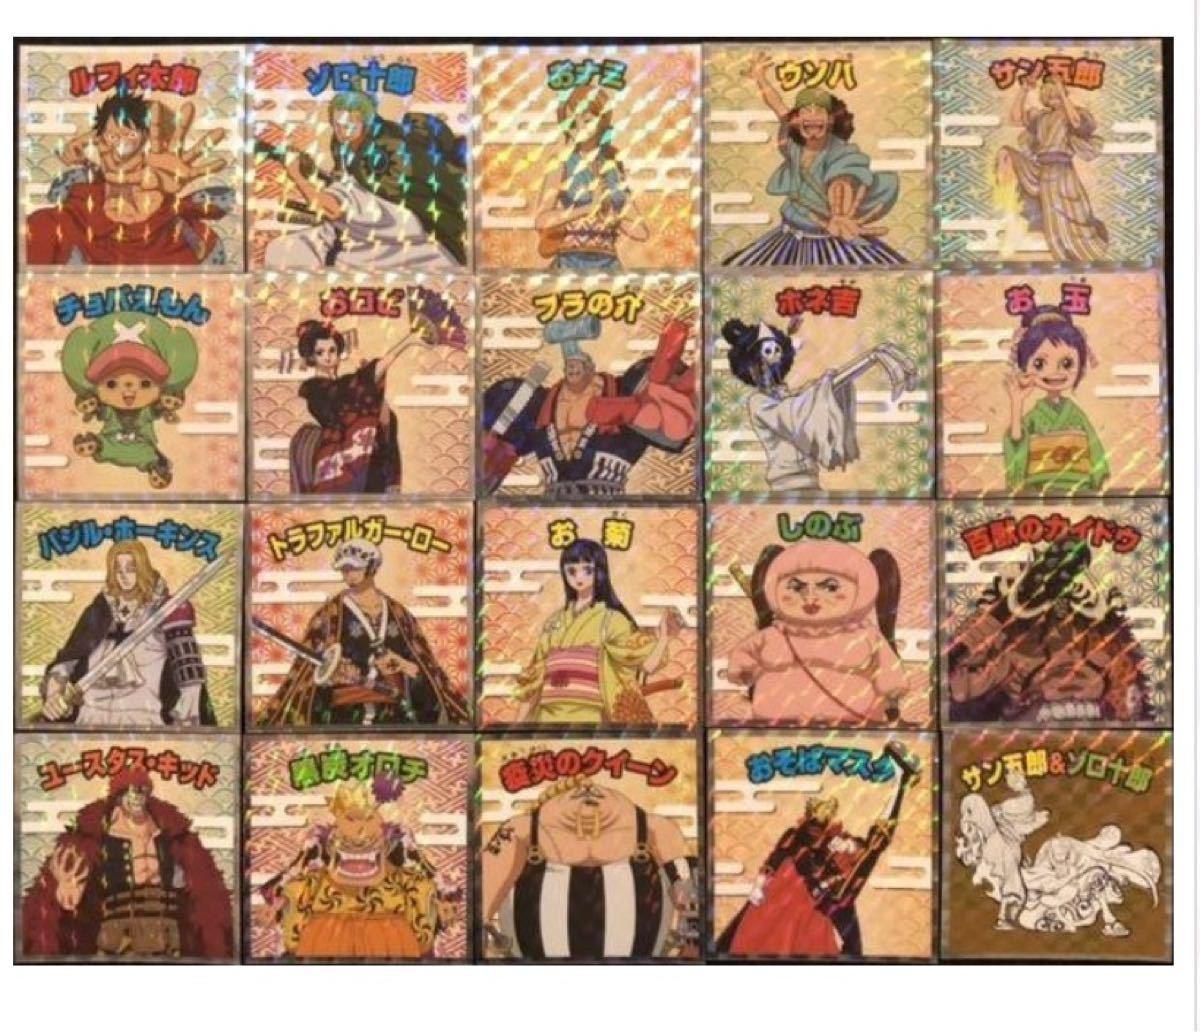 ビックリマン ワンピースマンチョコシール  全20種フルコンプ